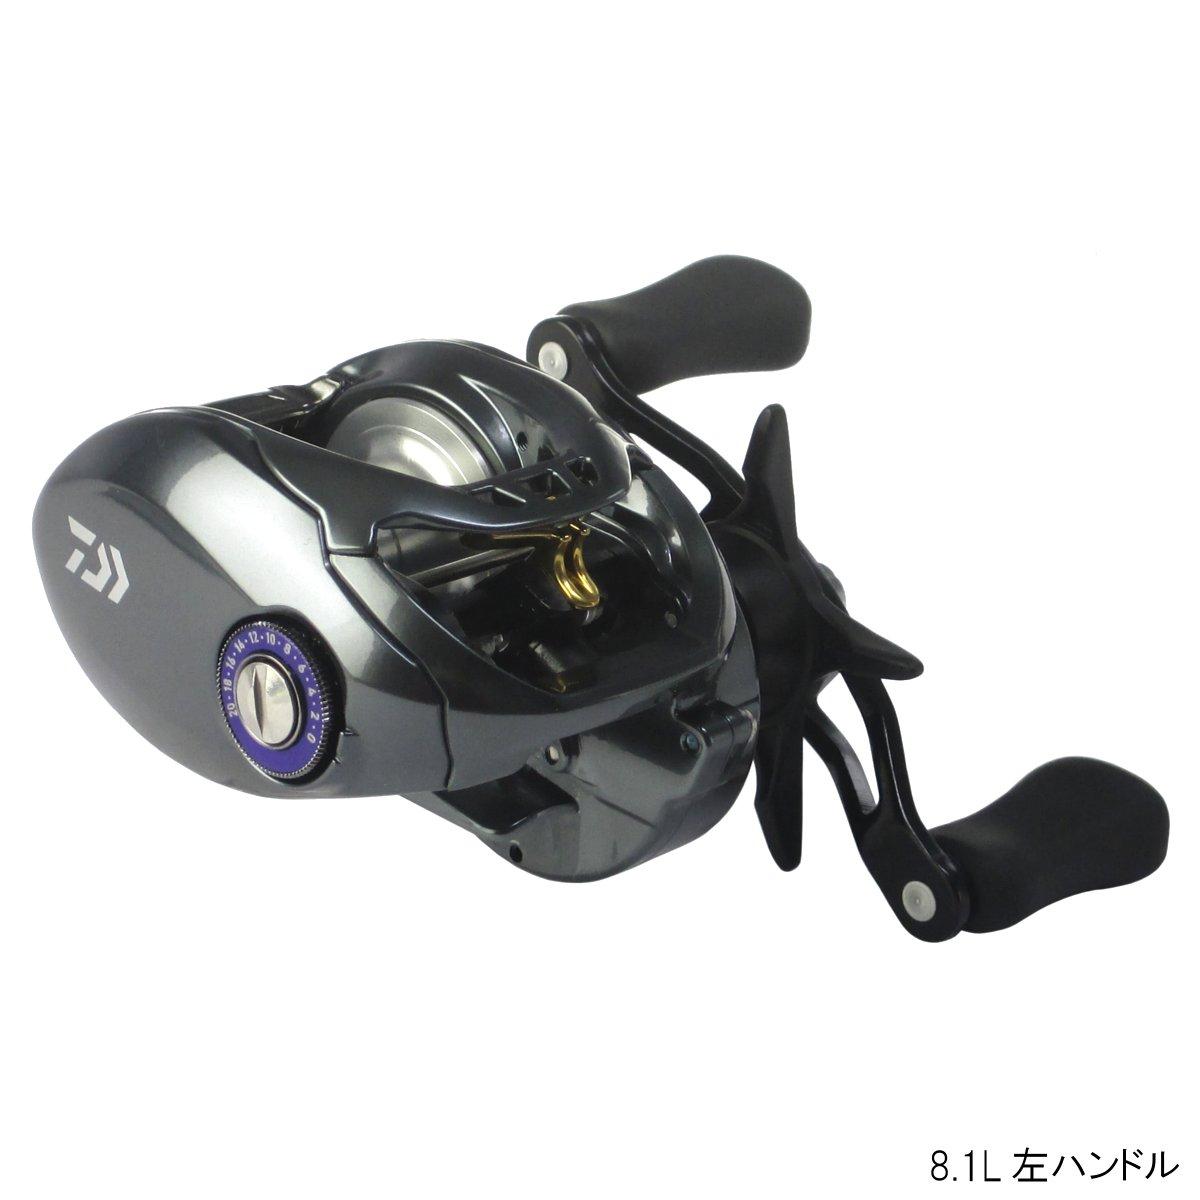 ダイワ タトゥーラ SV TW 8.1L 左ハンドル【送料無料】